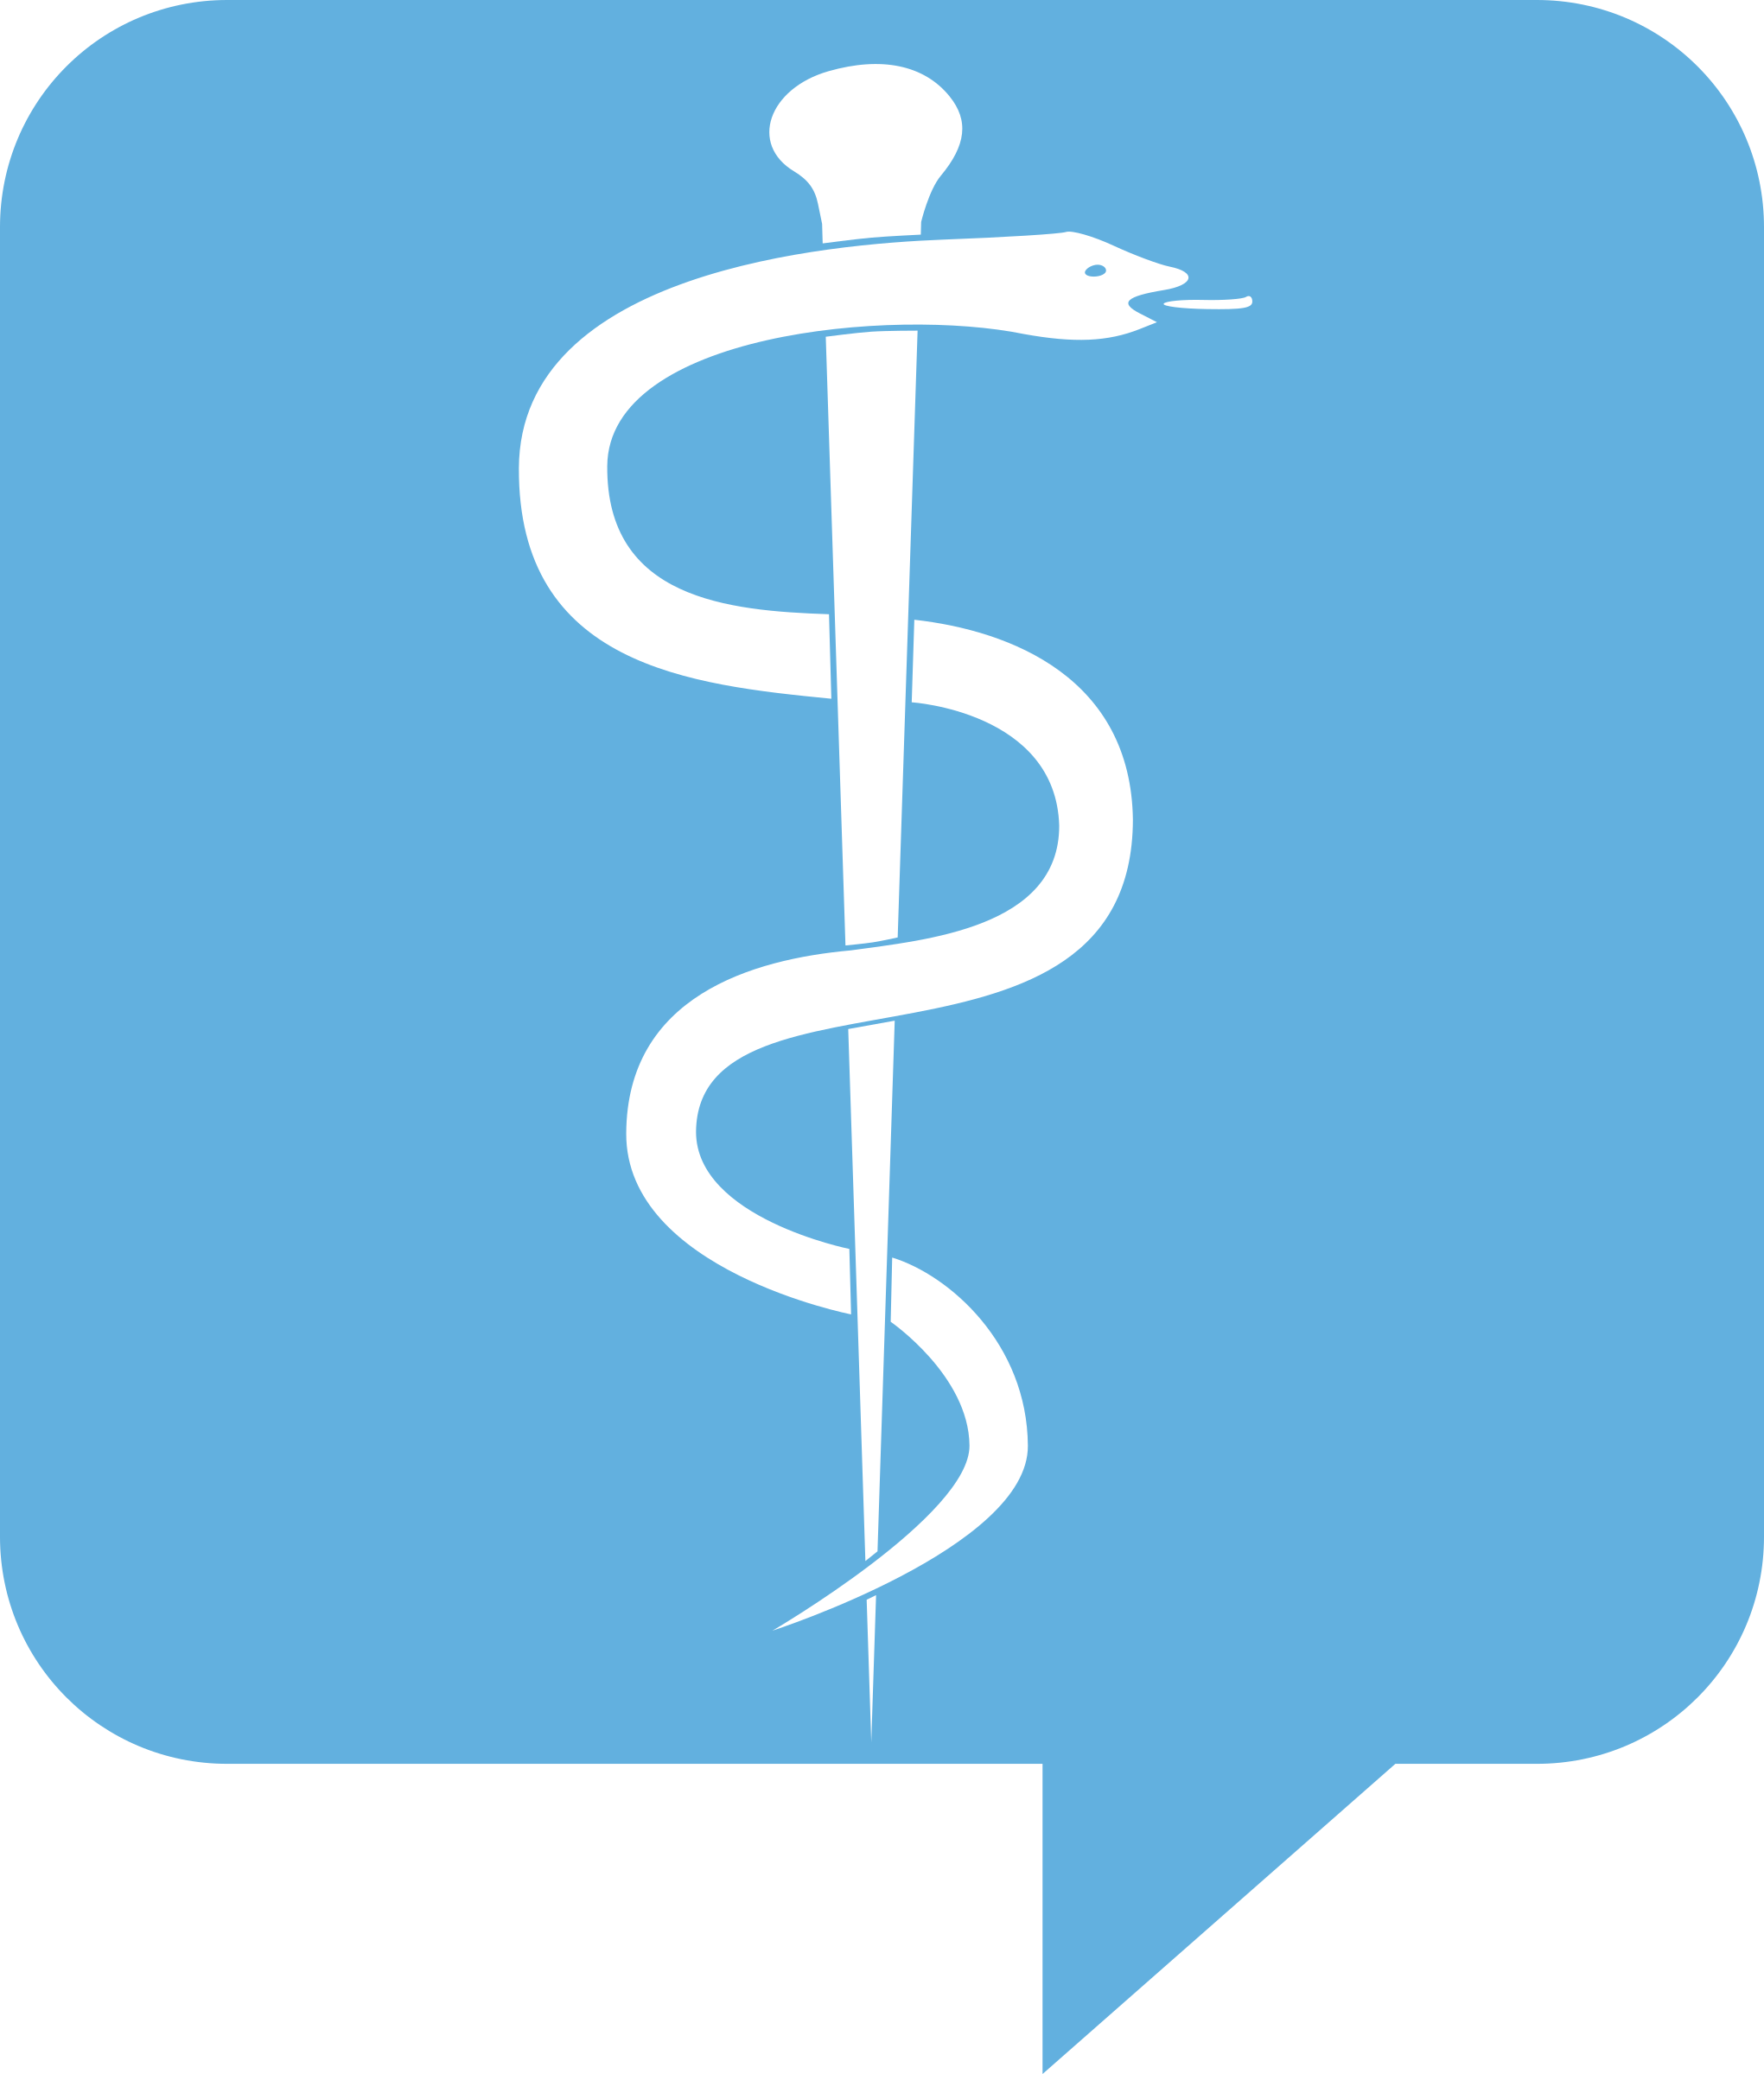 Healthcare Needs Social Media Influencer Marketing